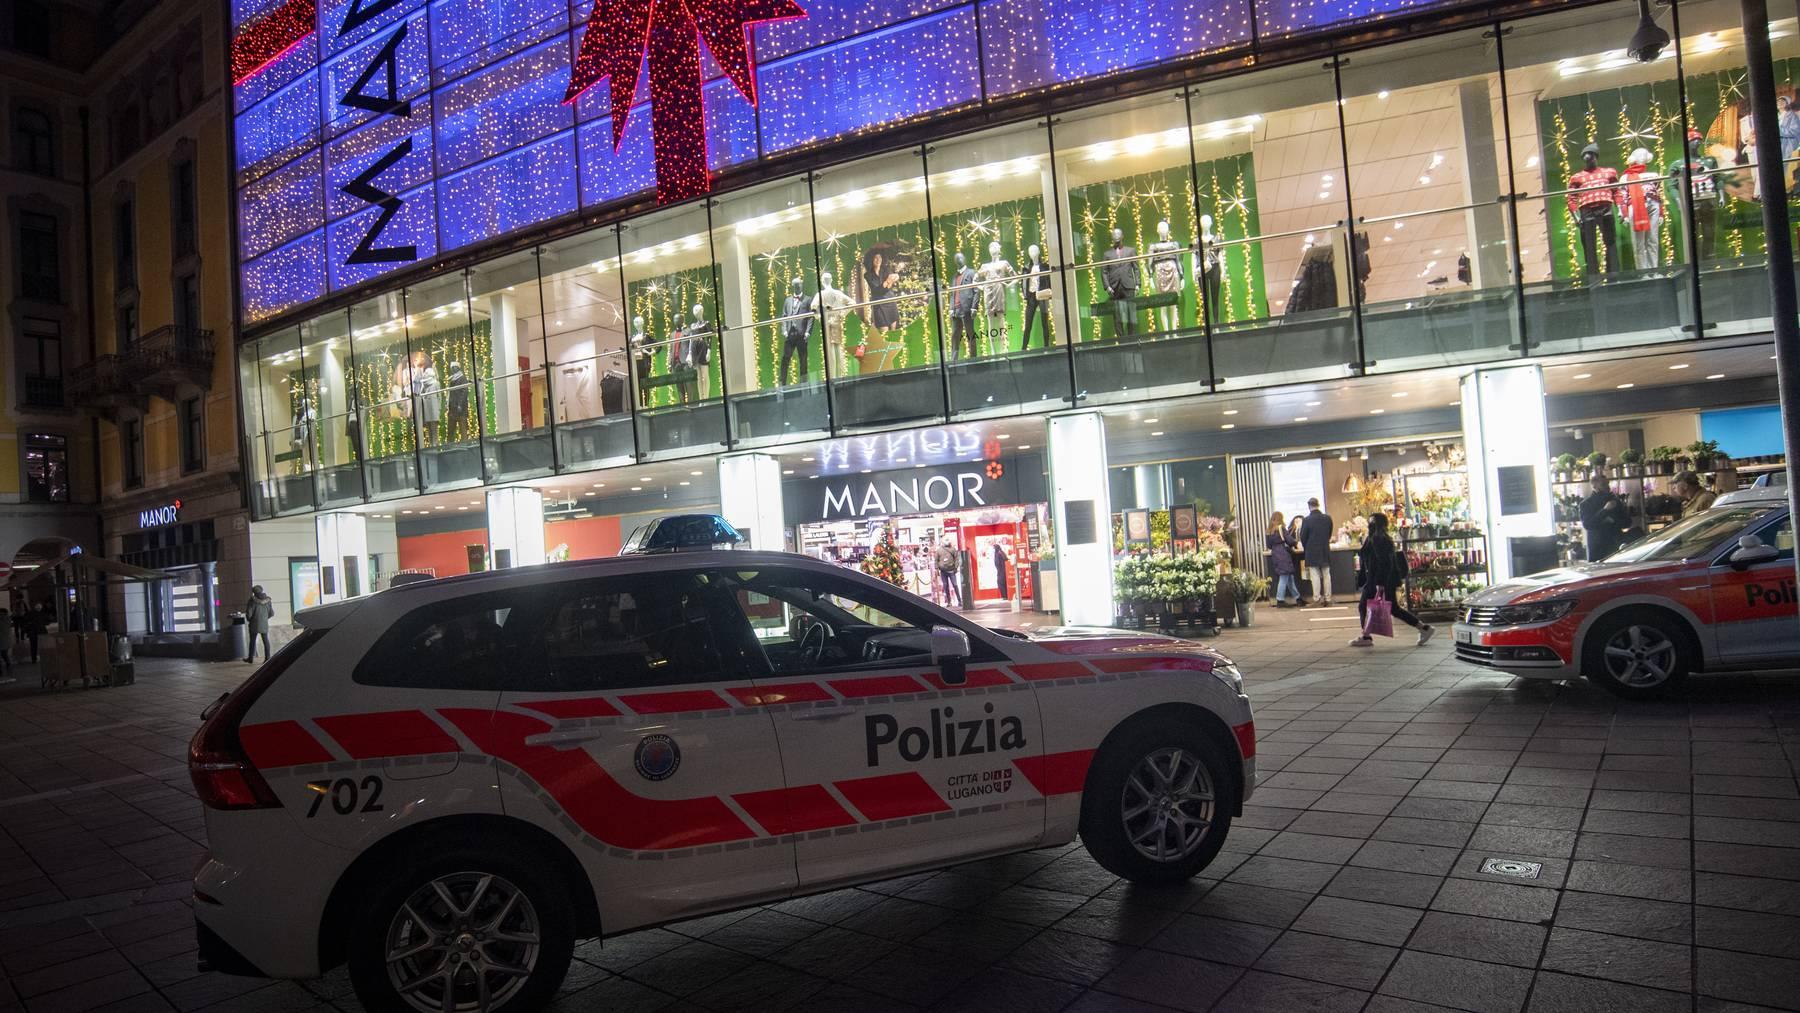 Der Messerangriff geschah im Manor an der Piazza Dante in Lugano.